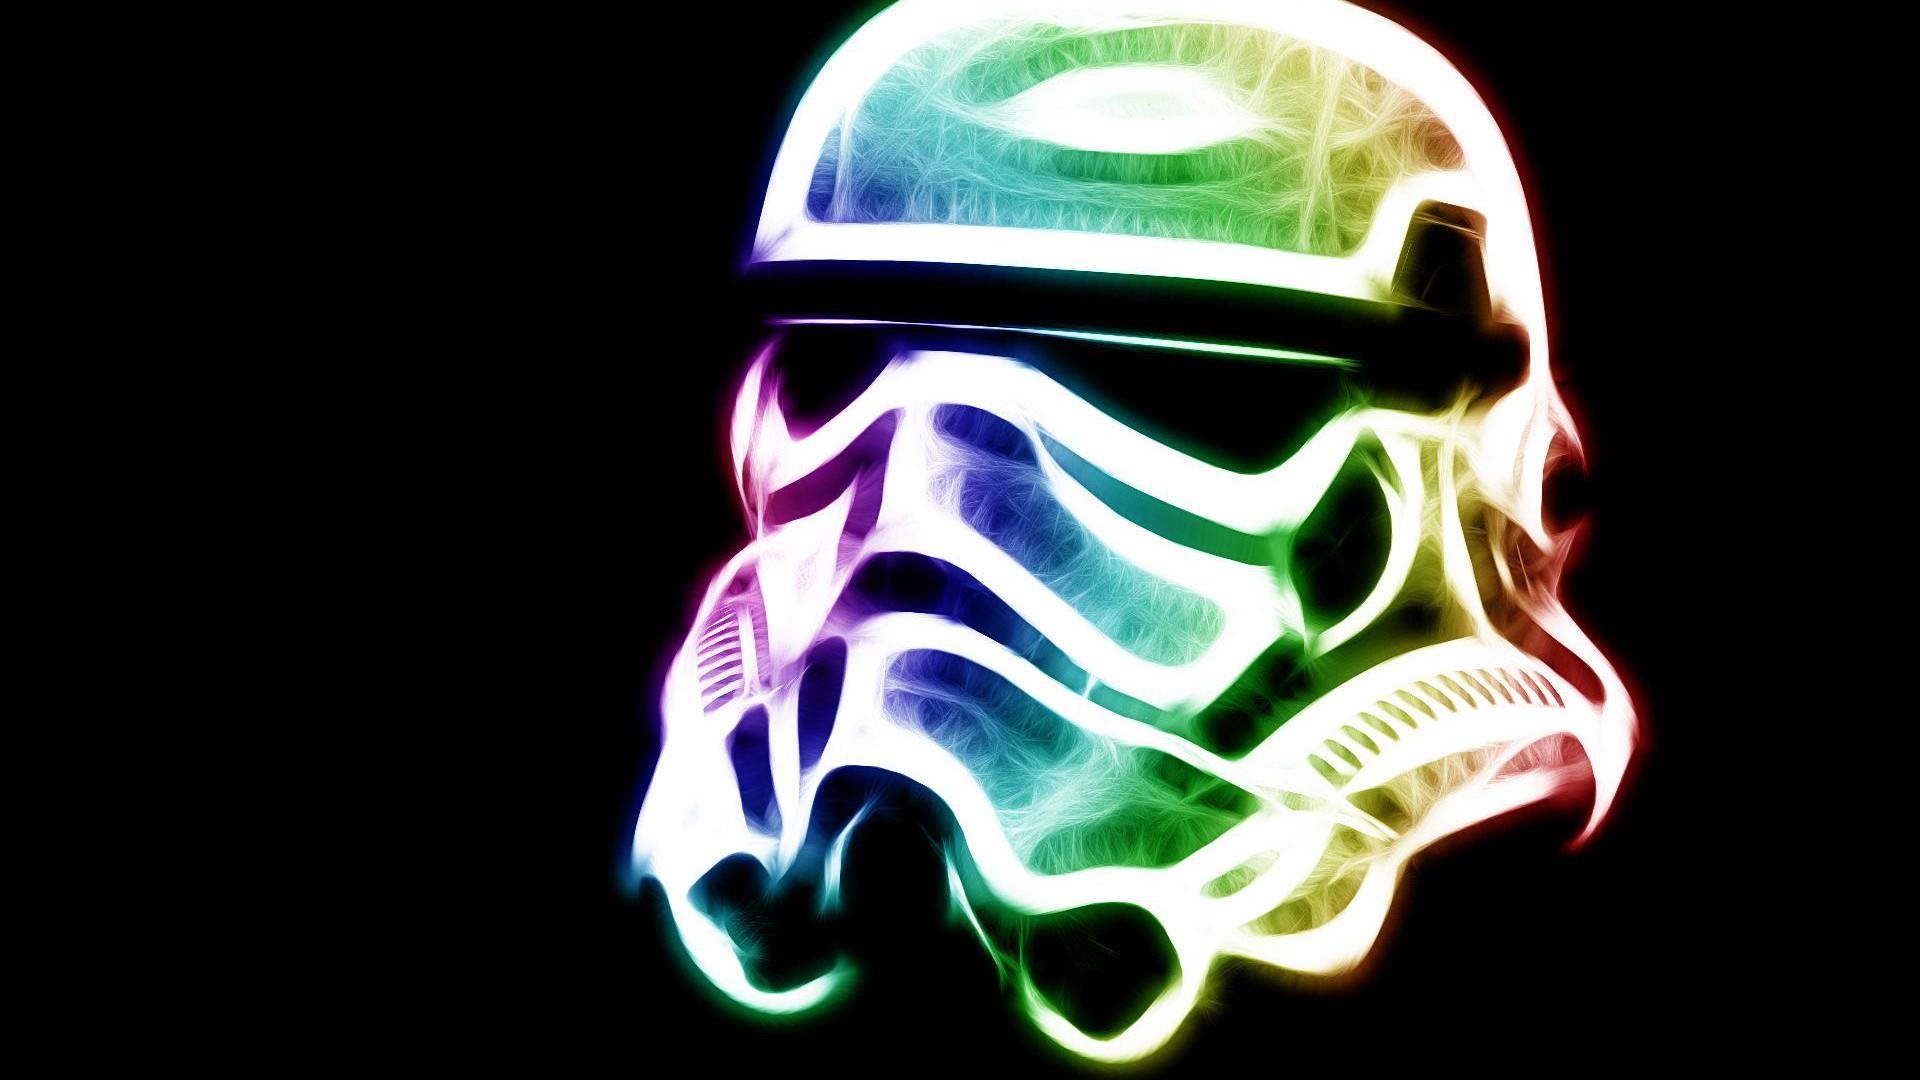 Stormtrooper Wallpaper 1080p Funny Stormtrooper Wallpaper 1920x1080